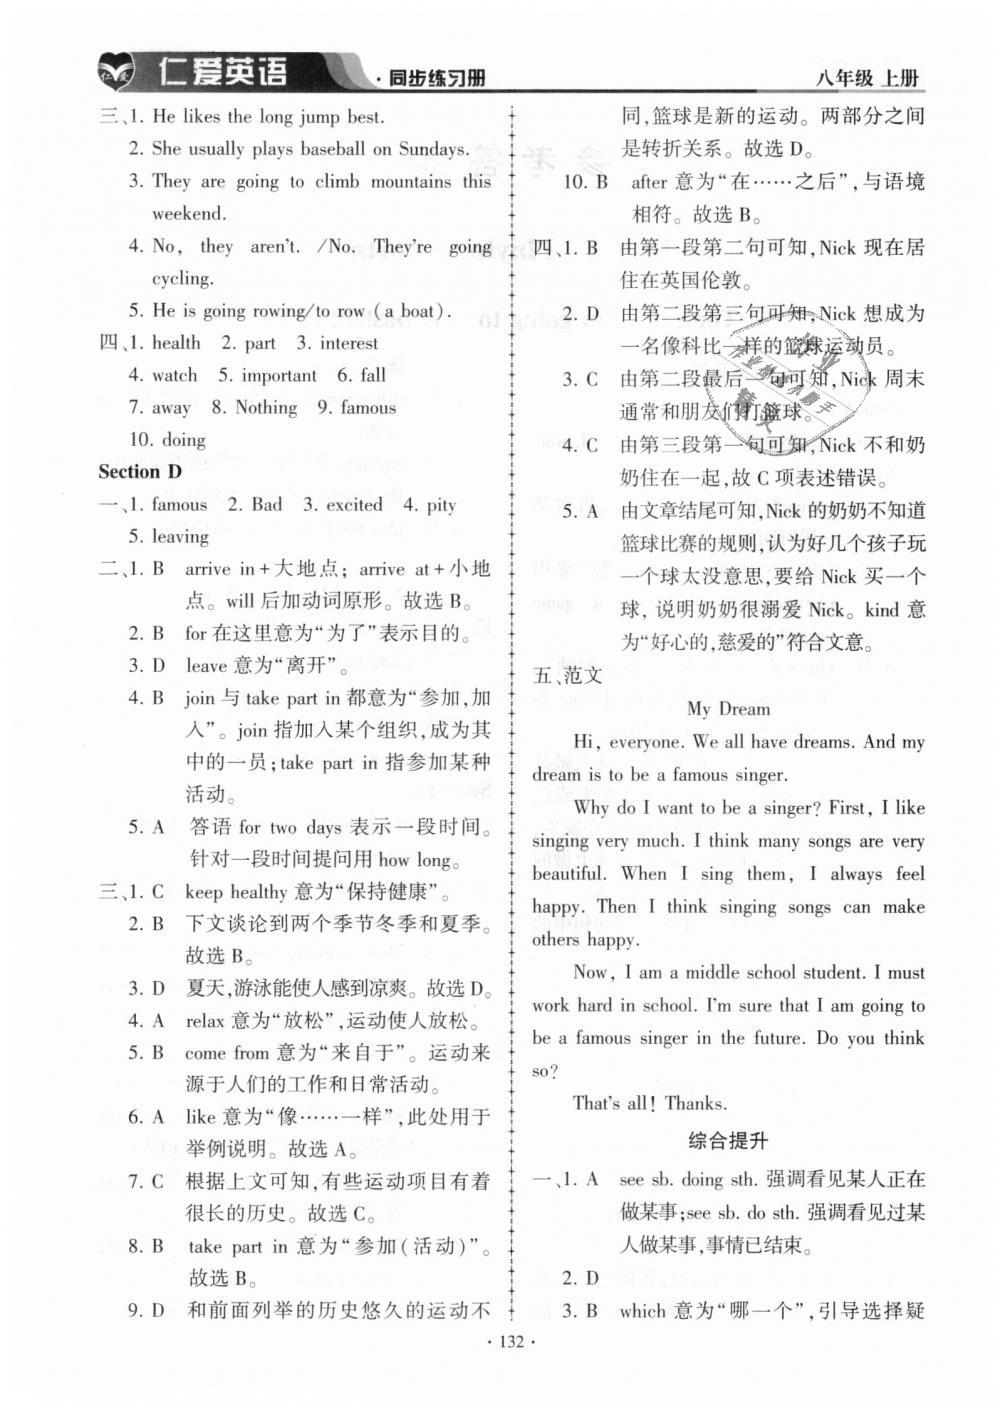 2018年仁爱英语同步练习册八年级上册E第2页